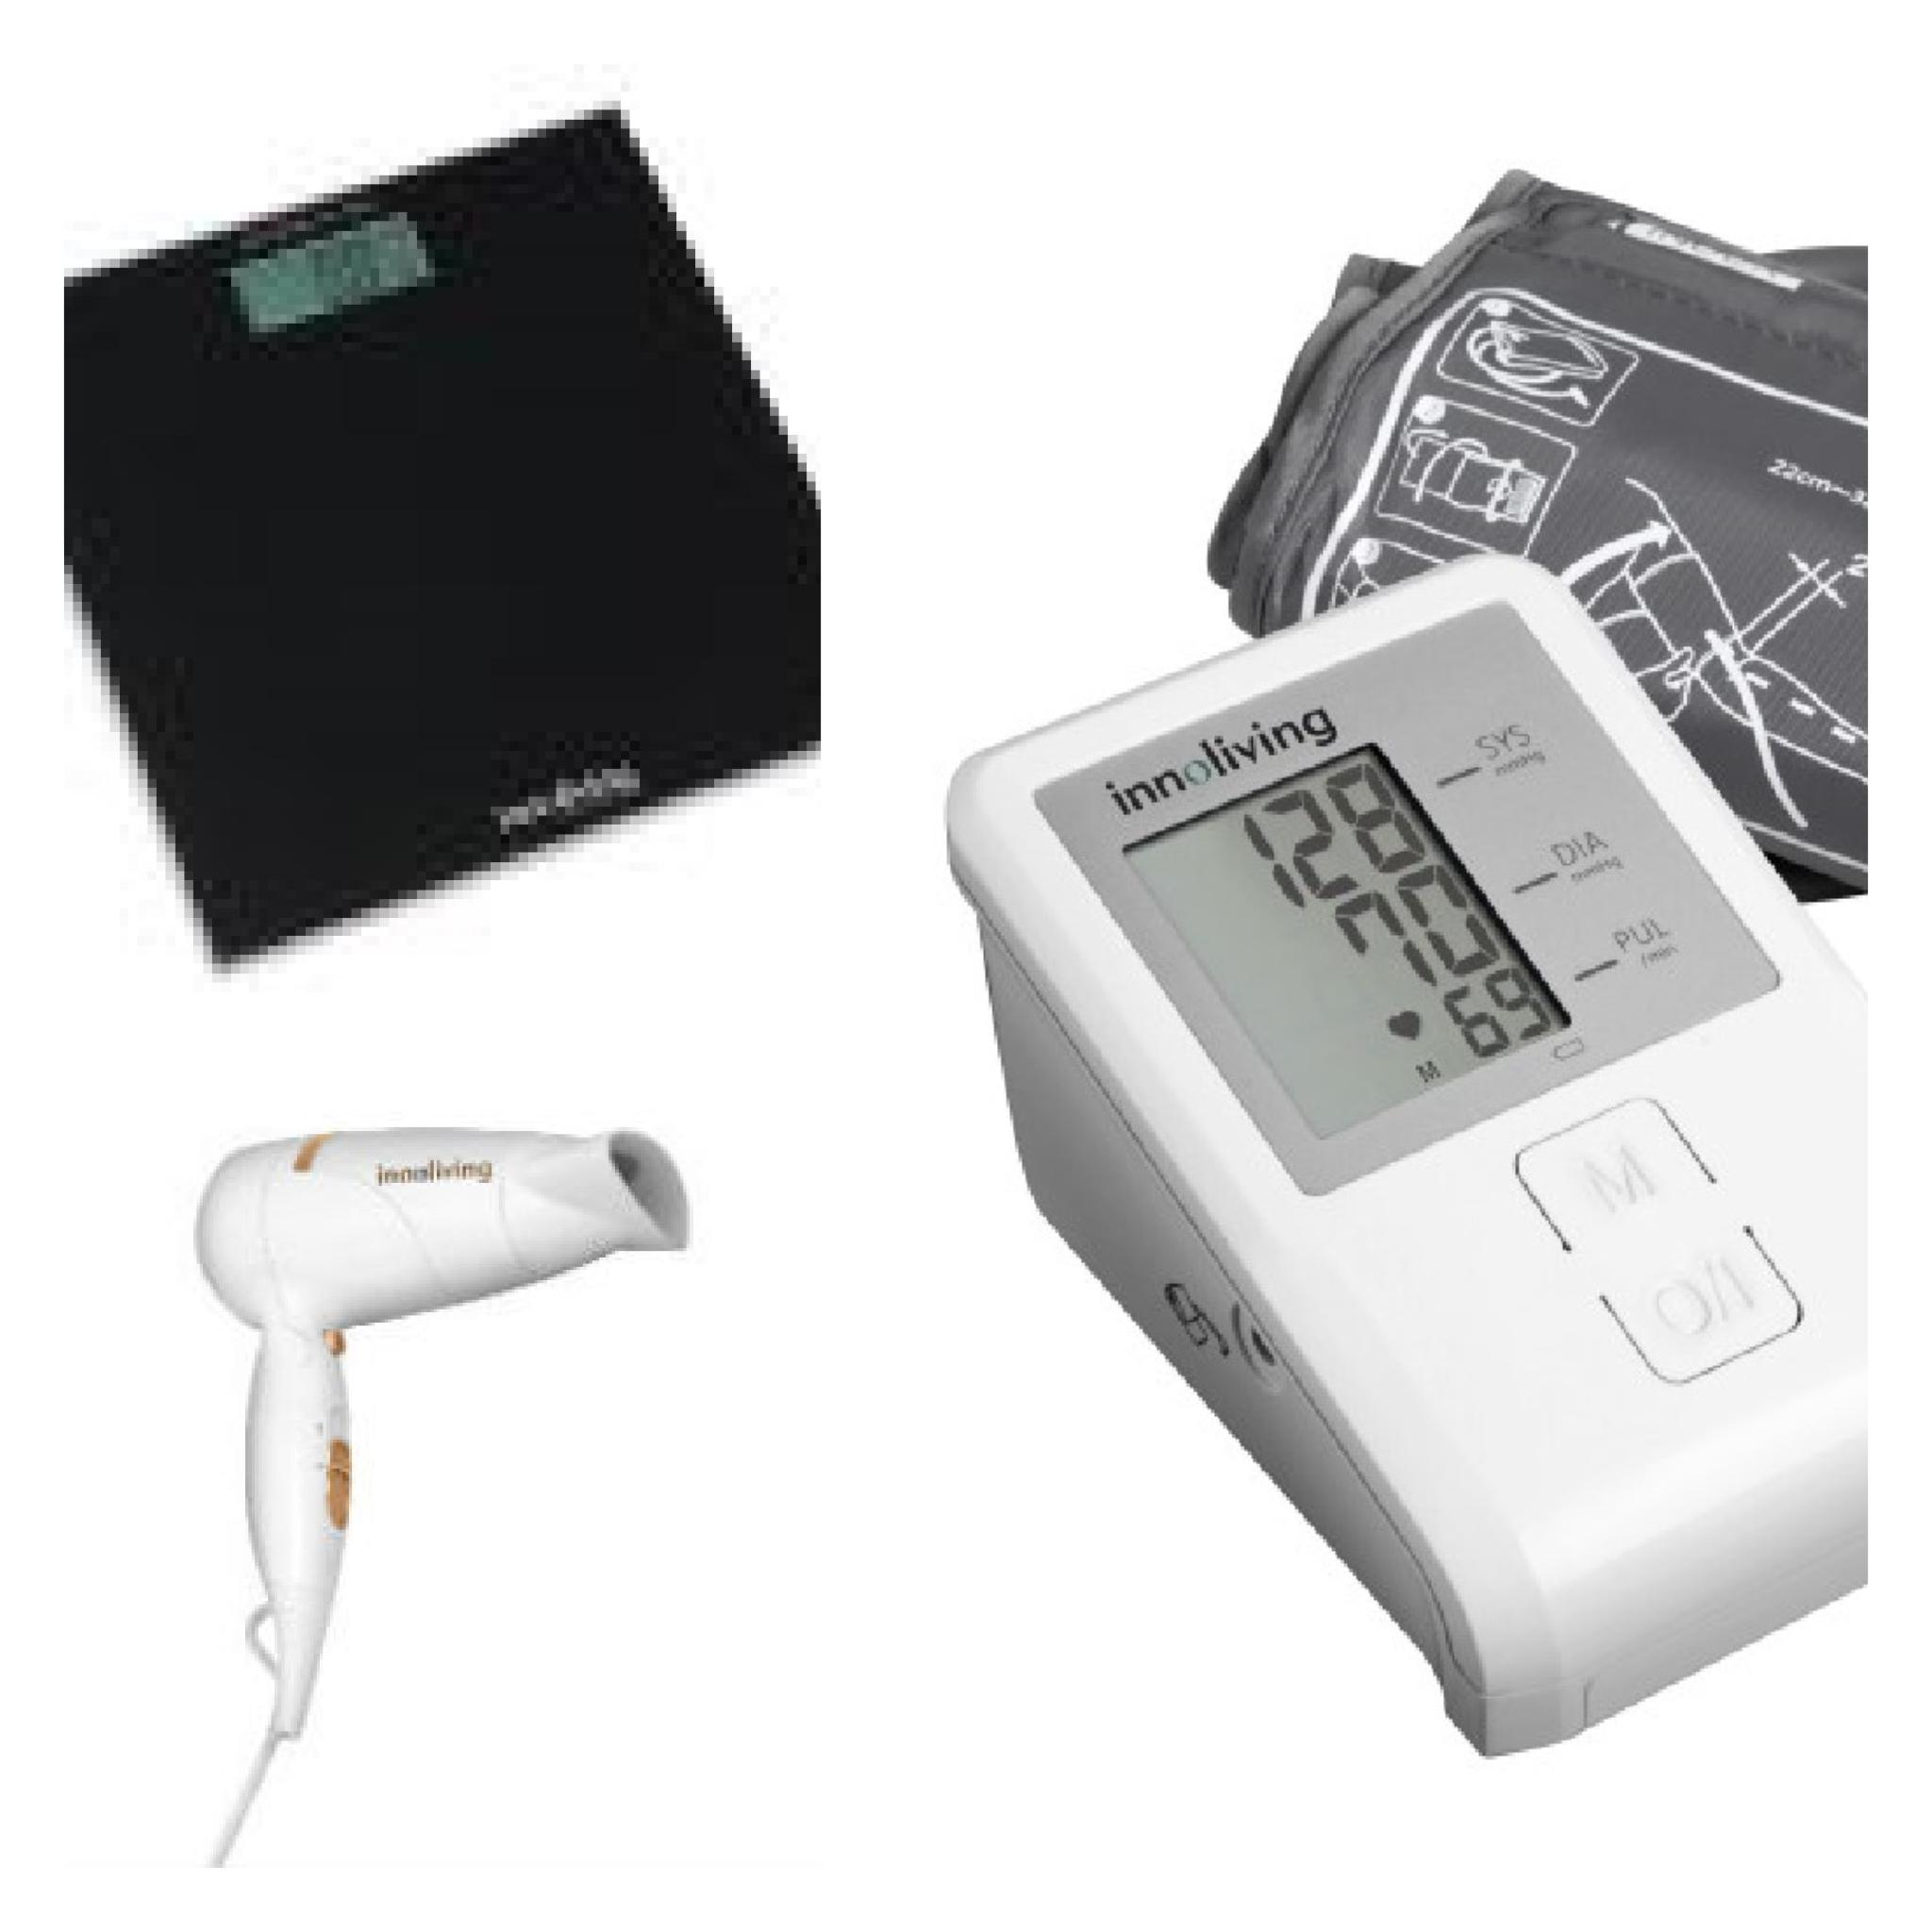 Piccoli elettrodomestici bilancia misuratore pressione bilancia pesapersone bilancia da cucina - Elettrodomestici piccoli da cucina ...